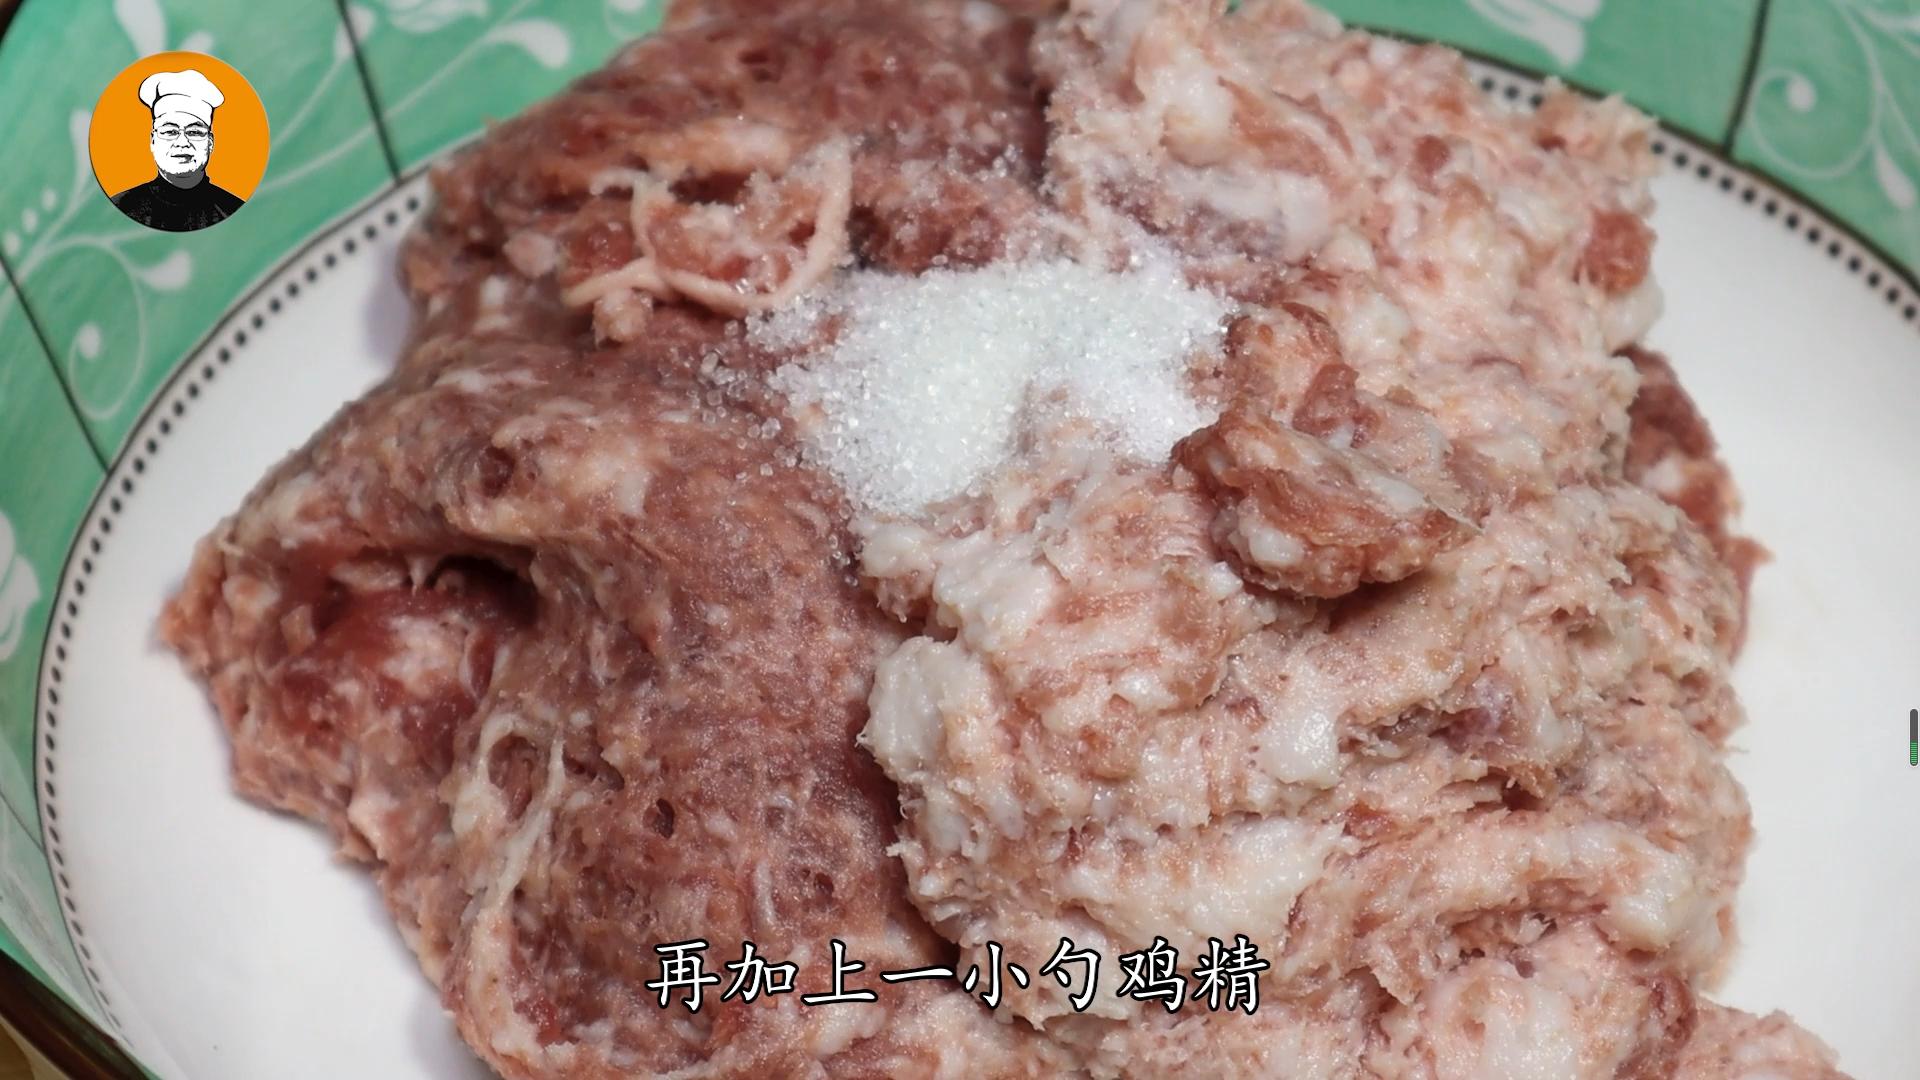 红烧狮子头正确做法,大厨手把手教你,软糯鲜香不肥腻,值得一试 美食做法 第5张